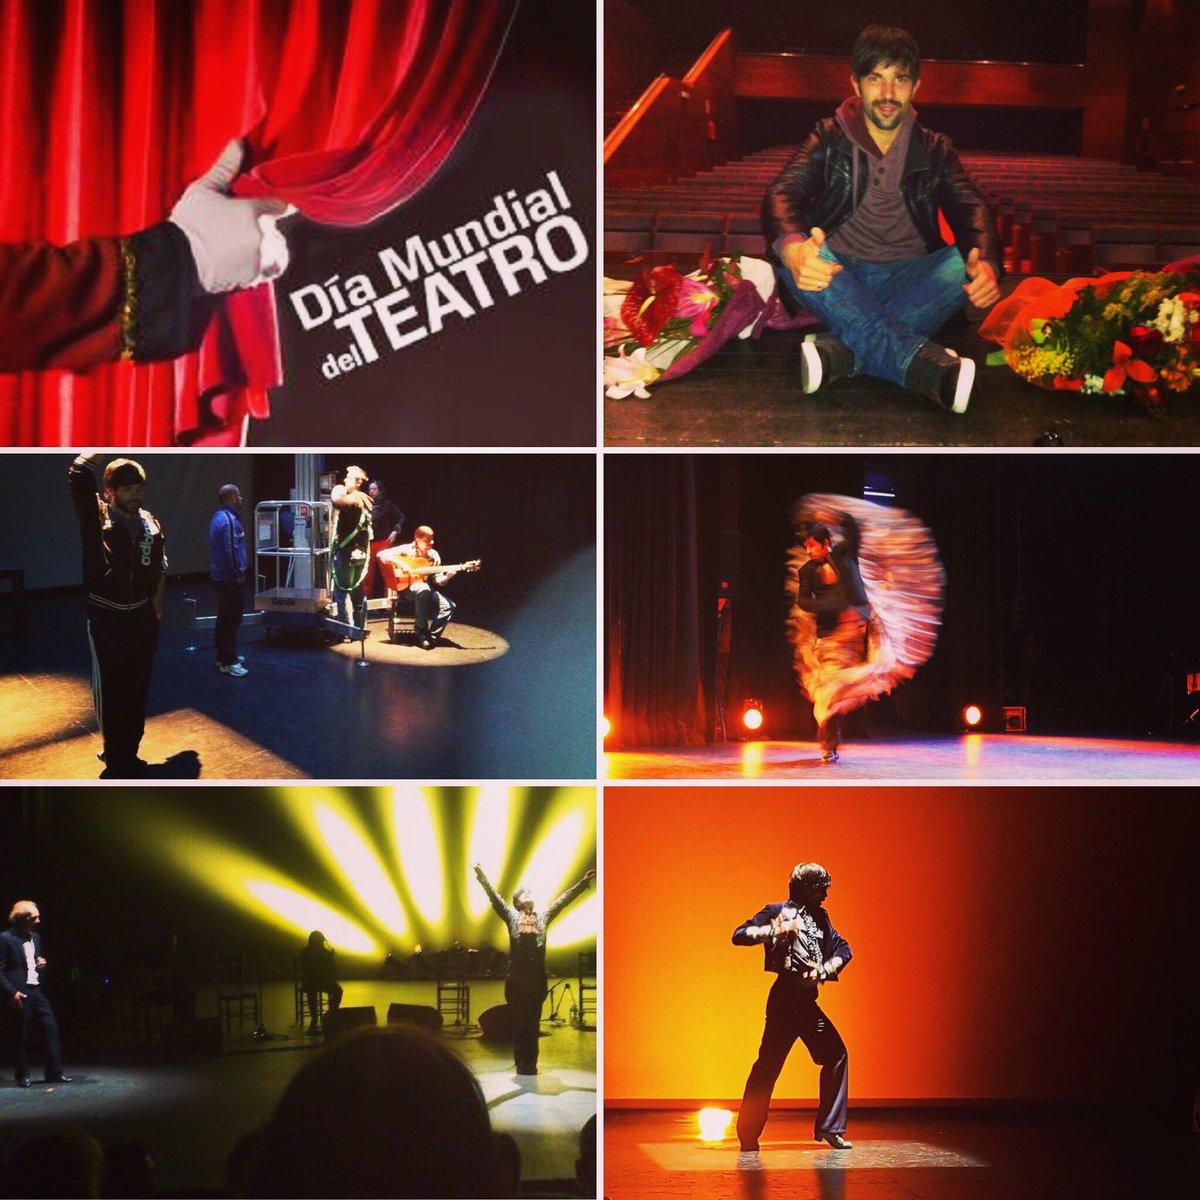 Donde cabe la infinita magia... #feliz día #mundial del #teatro  a tod@s los que nos mueve el arte!  #necesitobailarparaserfeliz<br>http://pic.twitter.com/3HMxClK1Xx